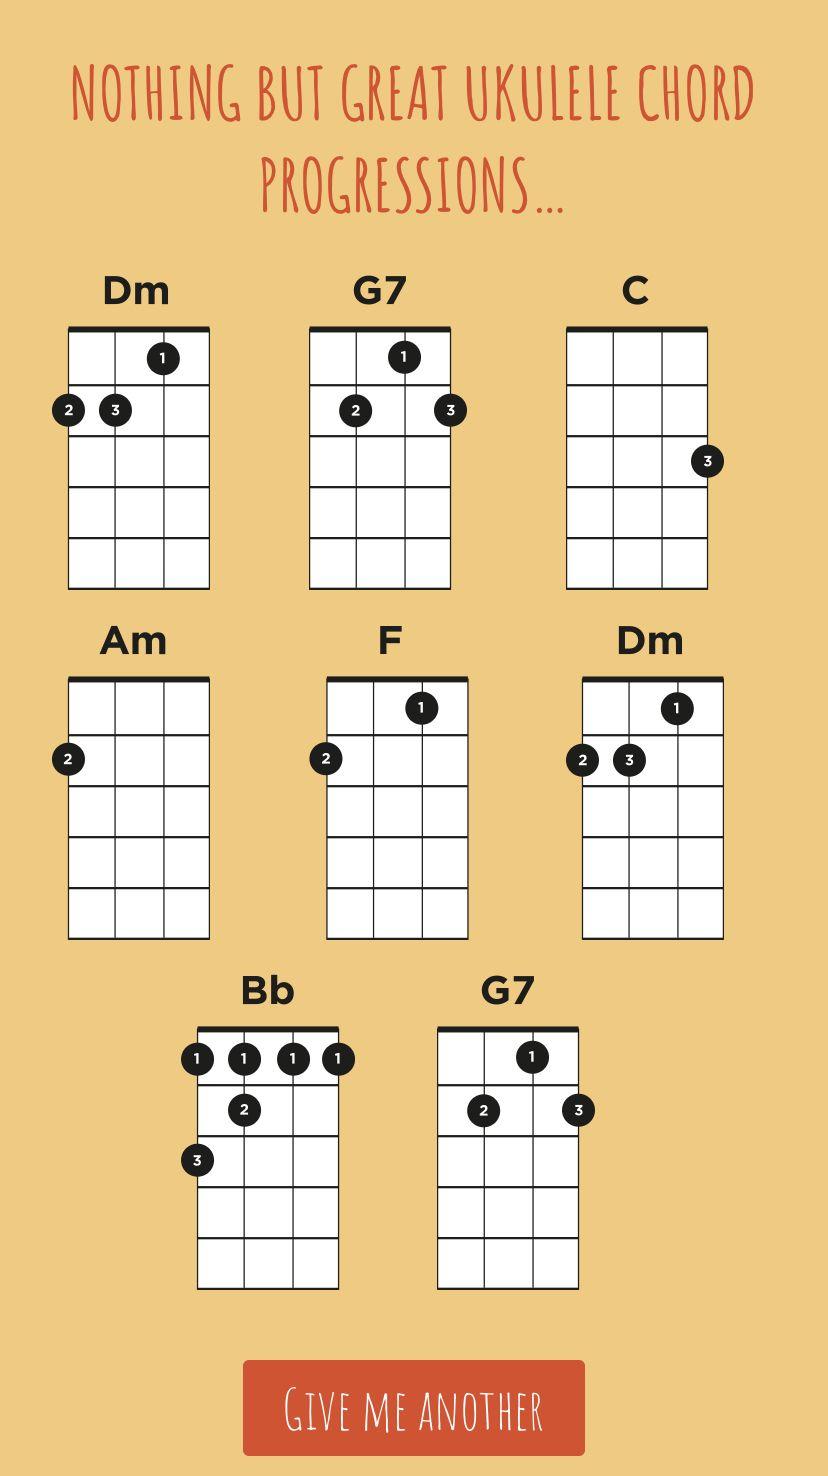 Ukulele Chord Progressions   Ukulele chords, Ukulele lesson, Ukulele